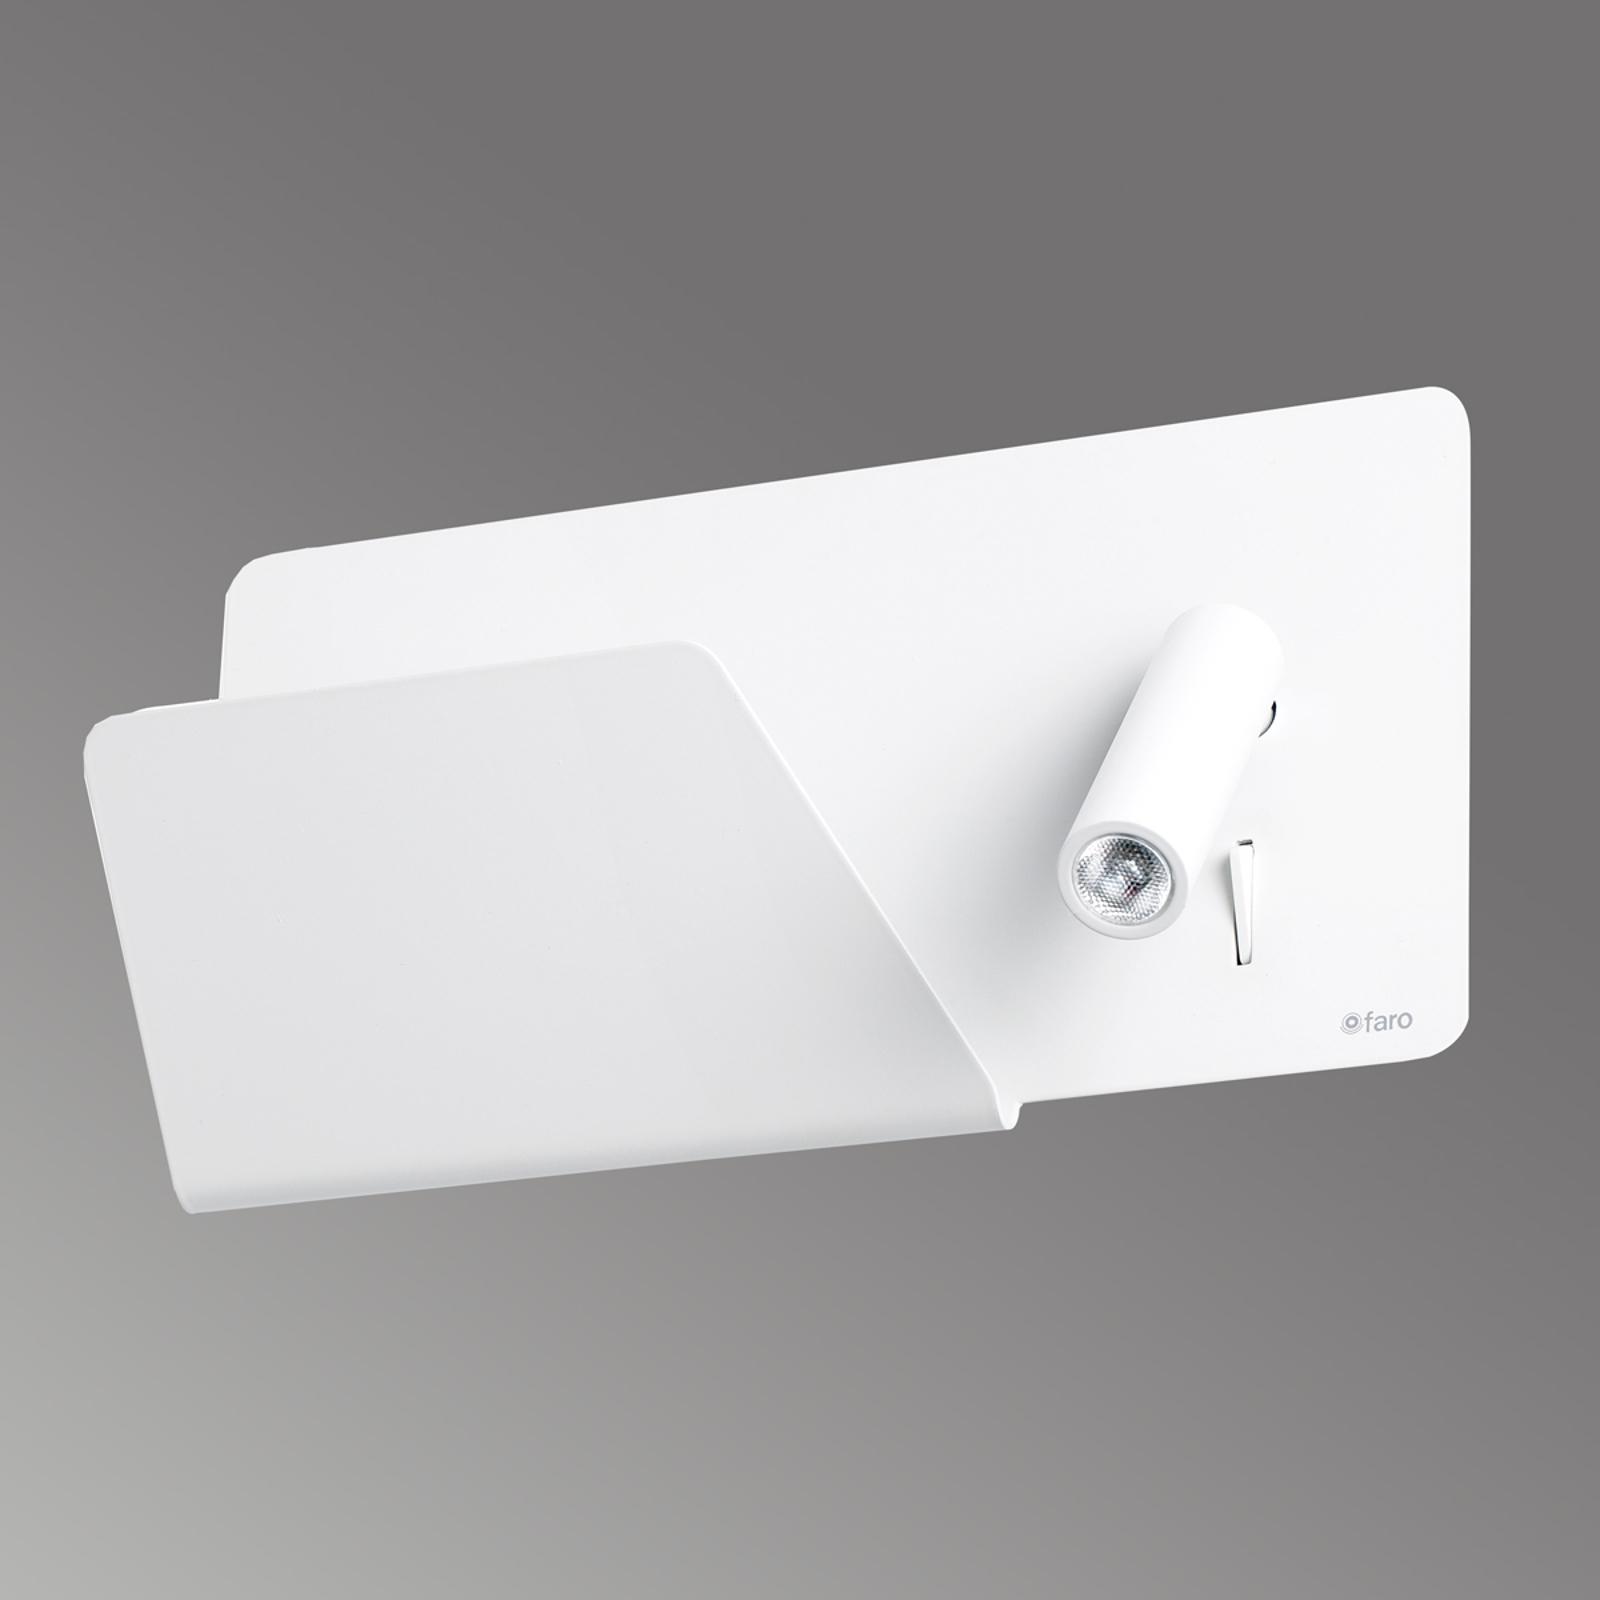 Suau - witte LED wandlamp met legbord